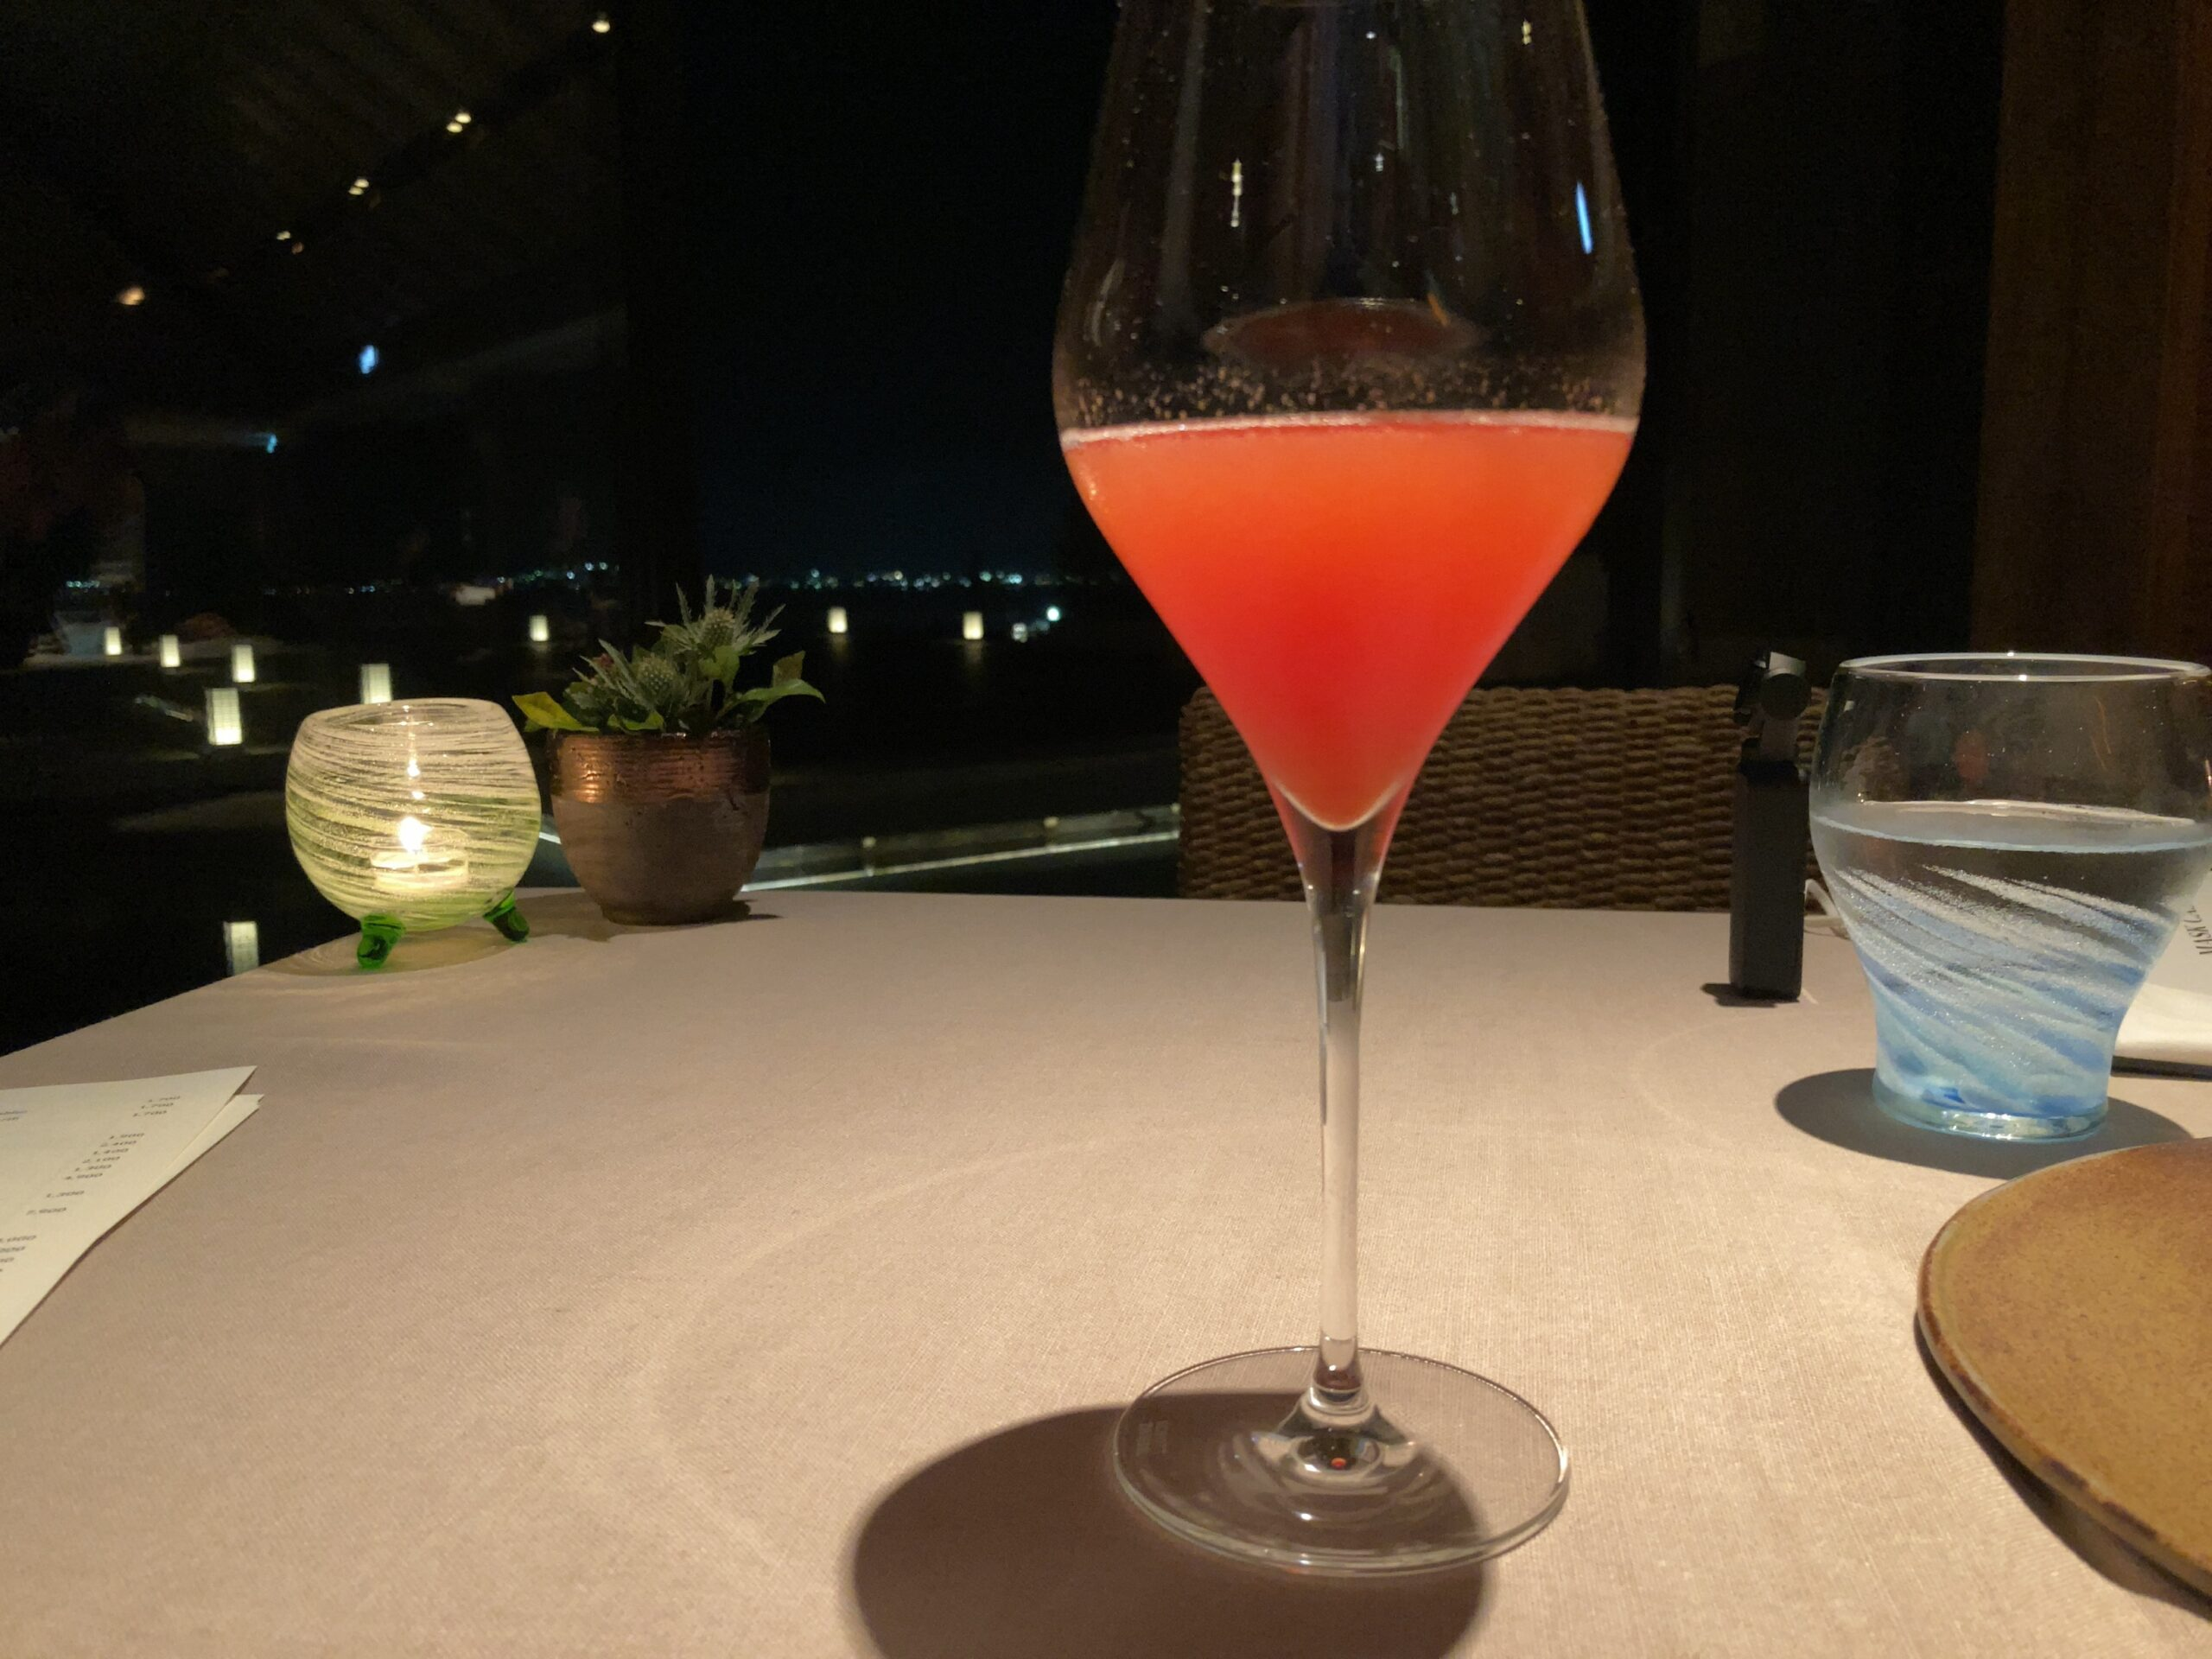 「ザリッツカールトン沖縄」「グスク」のカクテルの写真